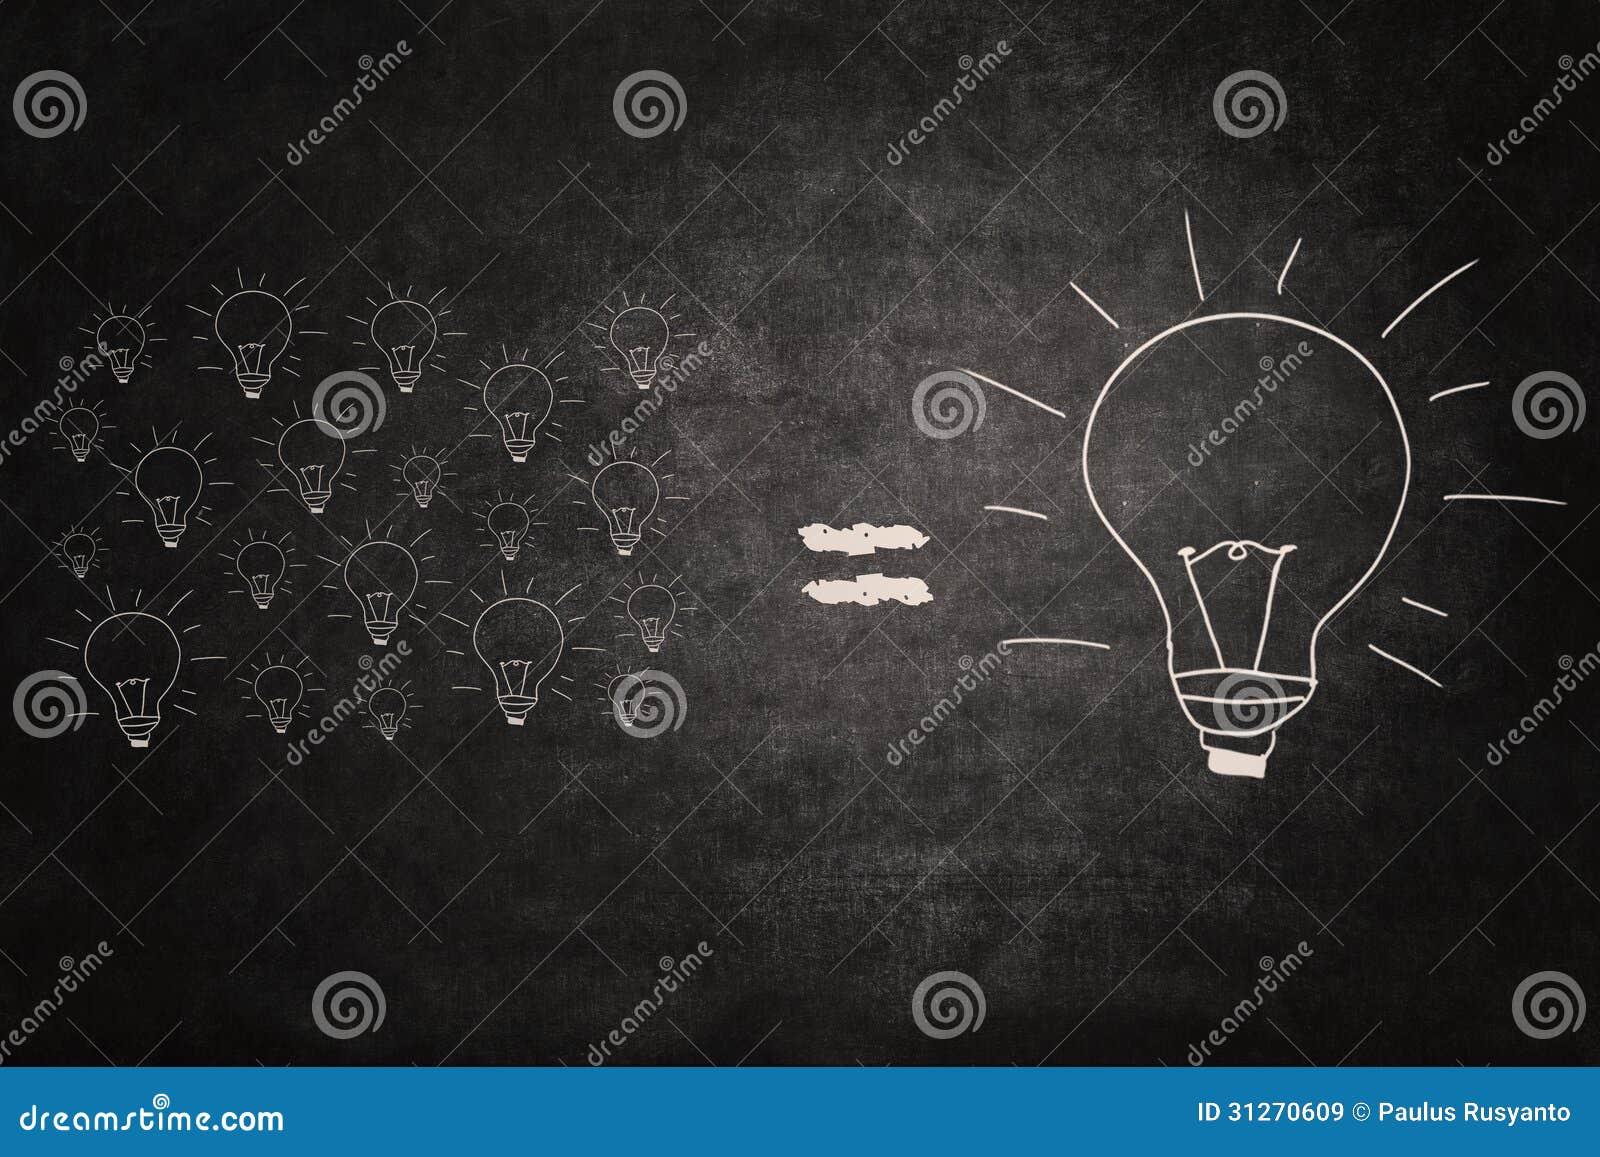 Pequeñas Ideas Del Igual Grande De La Idea En La Pizarra Imagen de ...